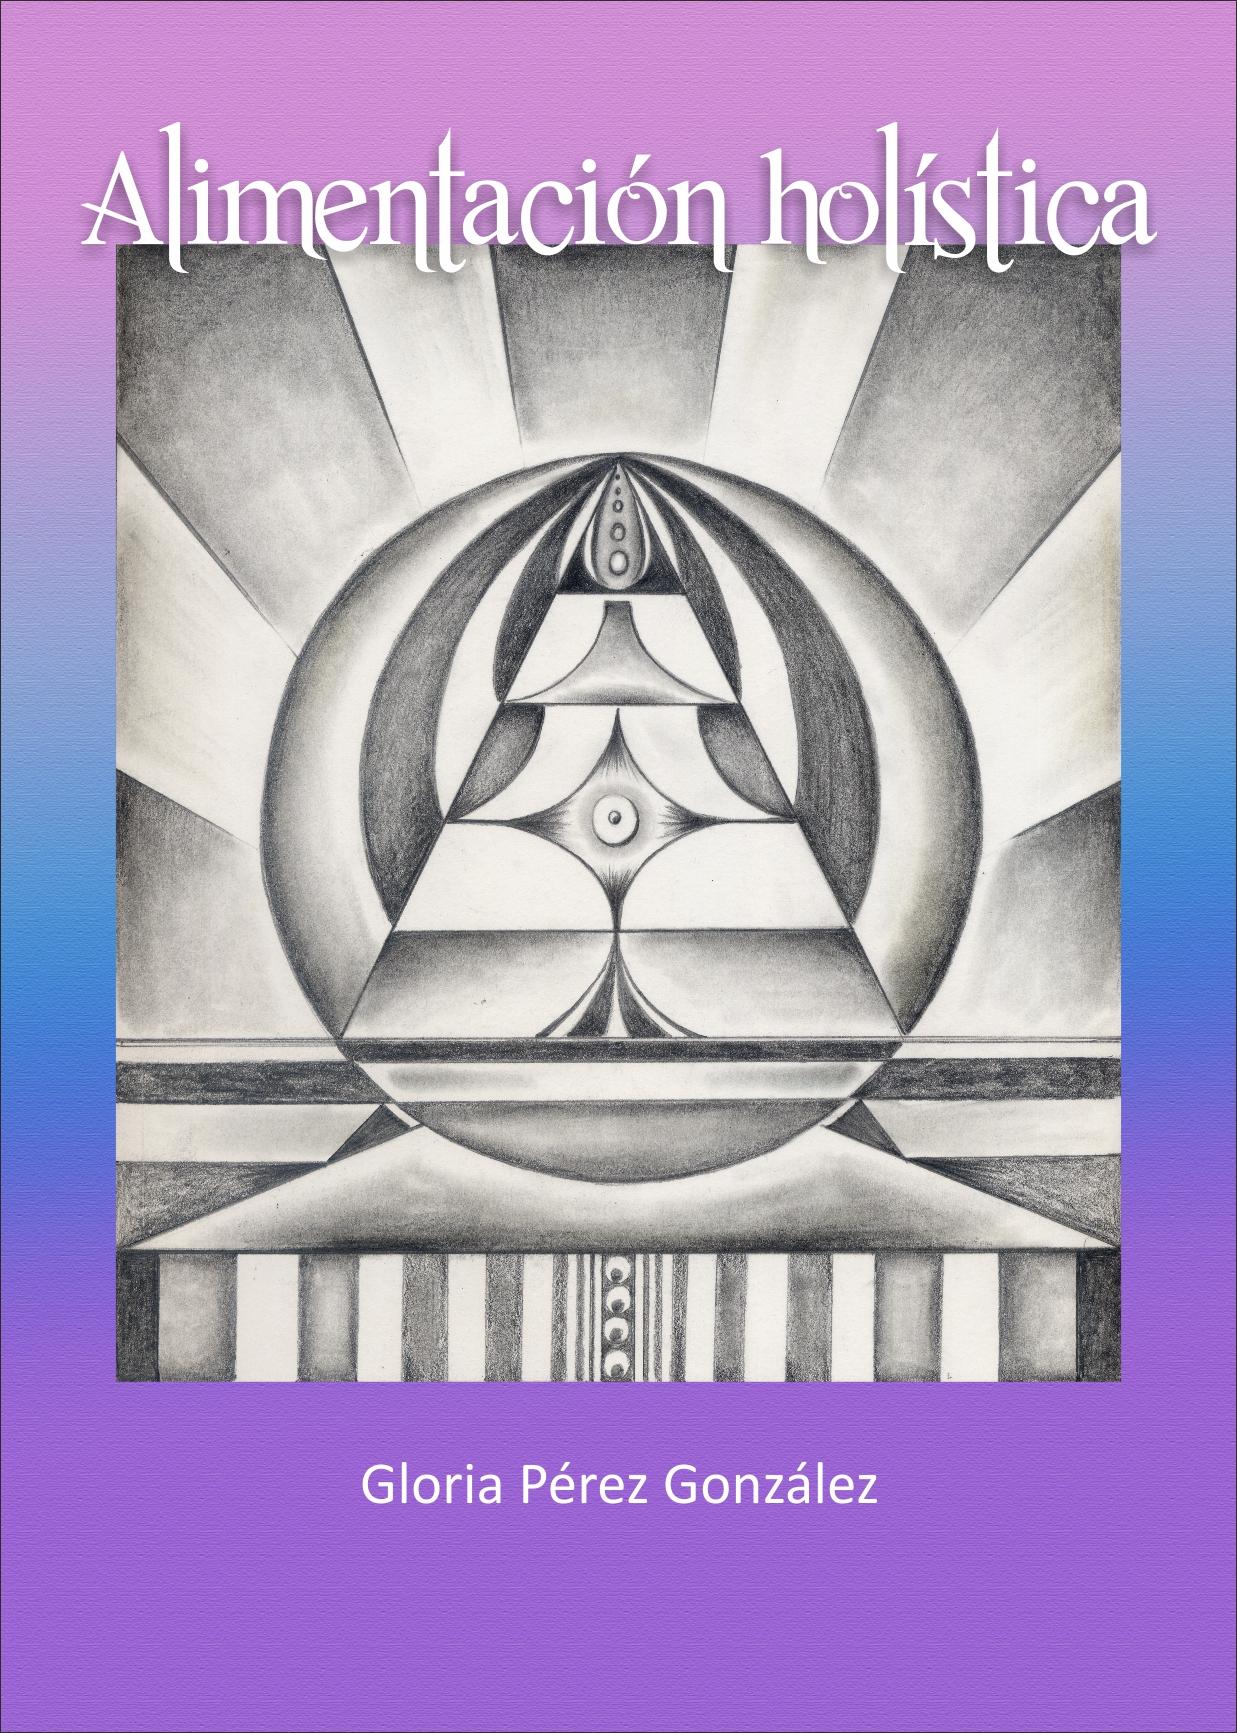 Libro Alimentación Holística de la escritora Gloria Pérez